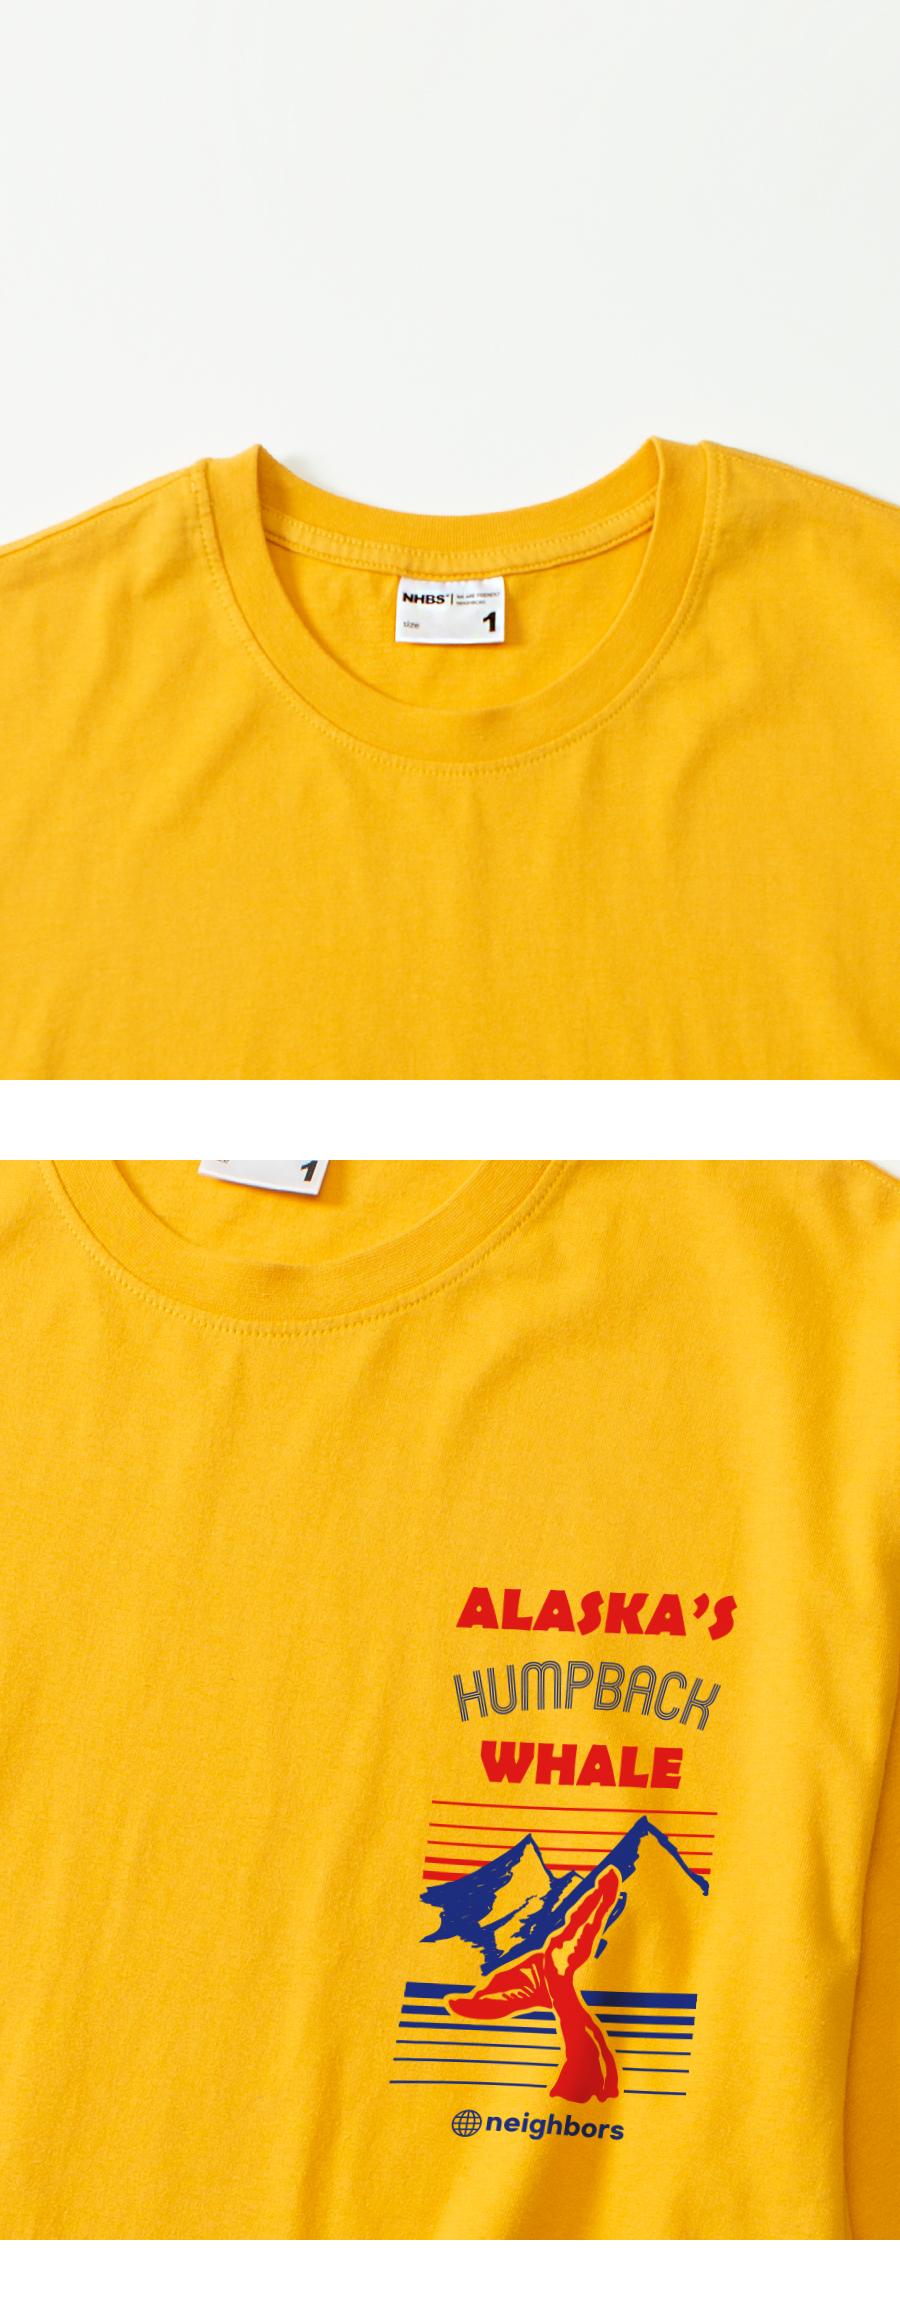 네이버스(NEIGHBORS) NBS302 스몰 험백 웨일 반팔 티셔츠 - 옐로우